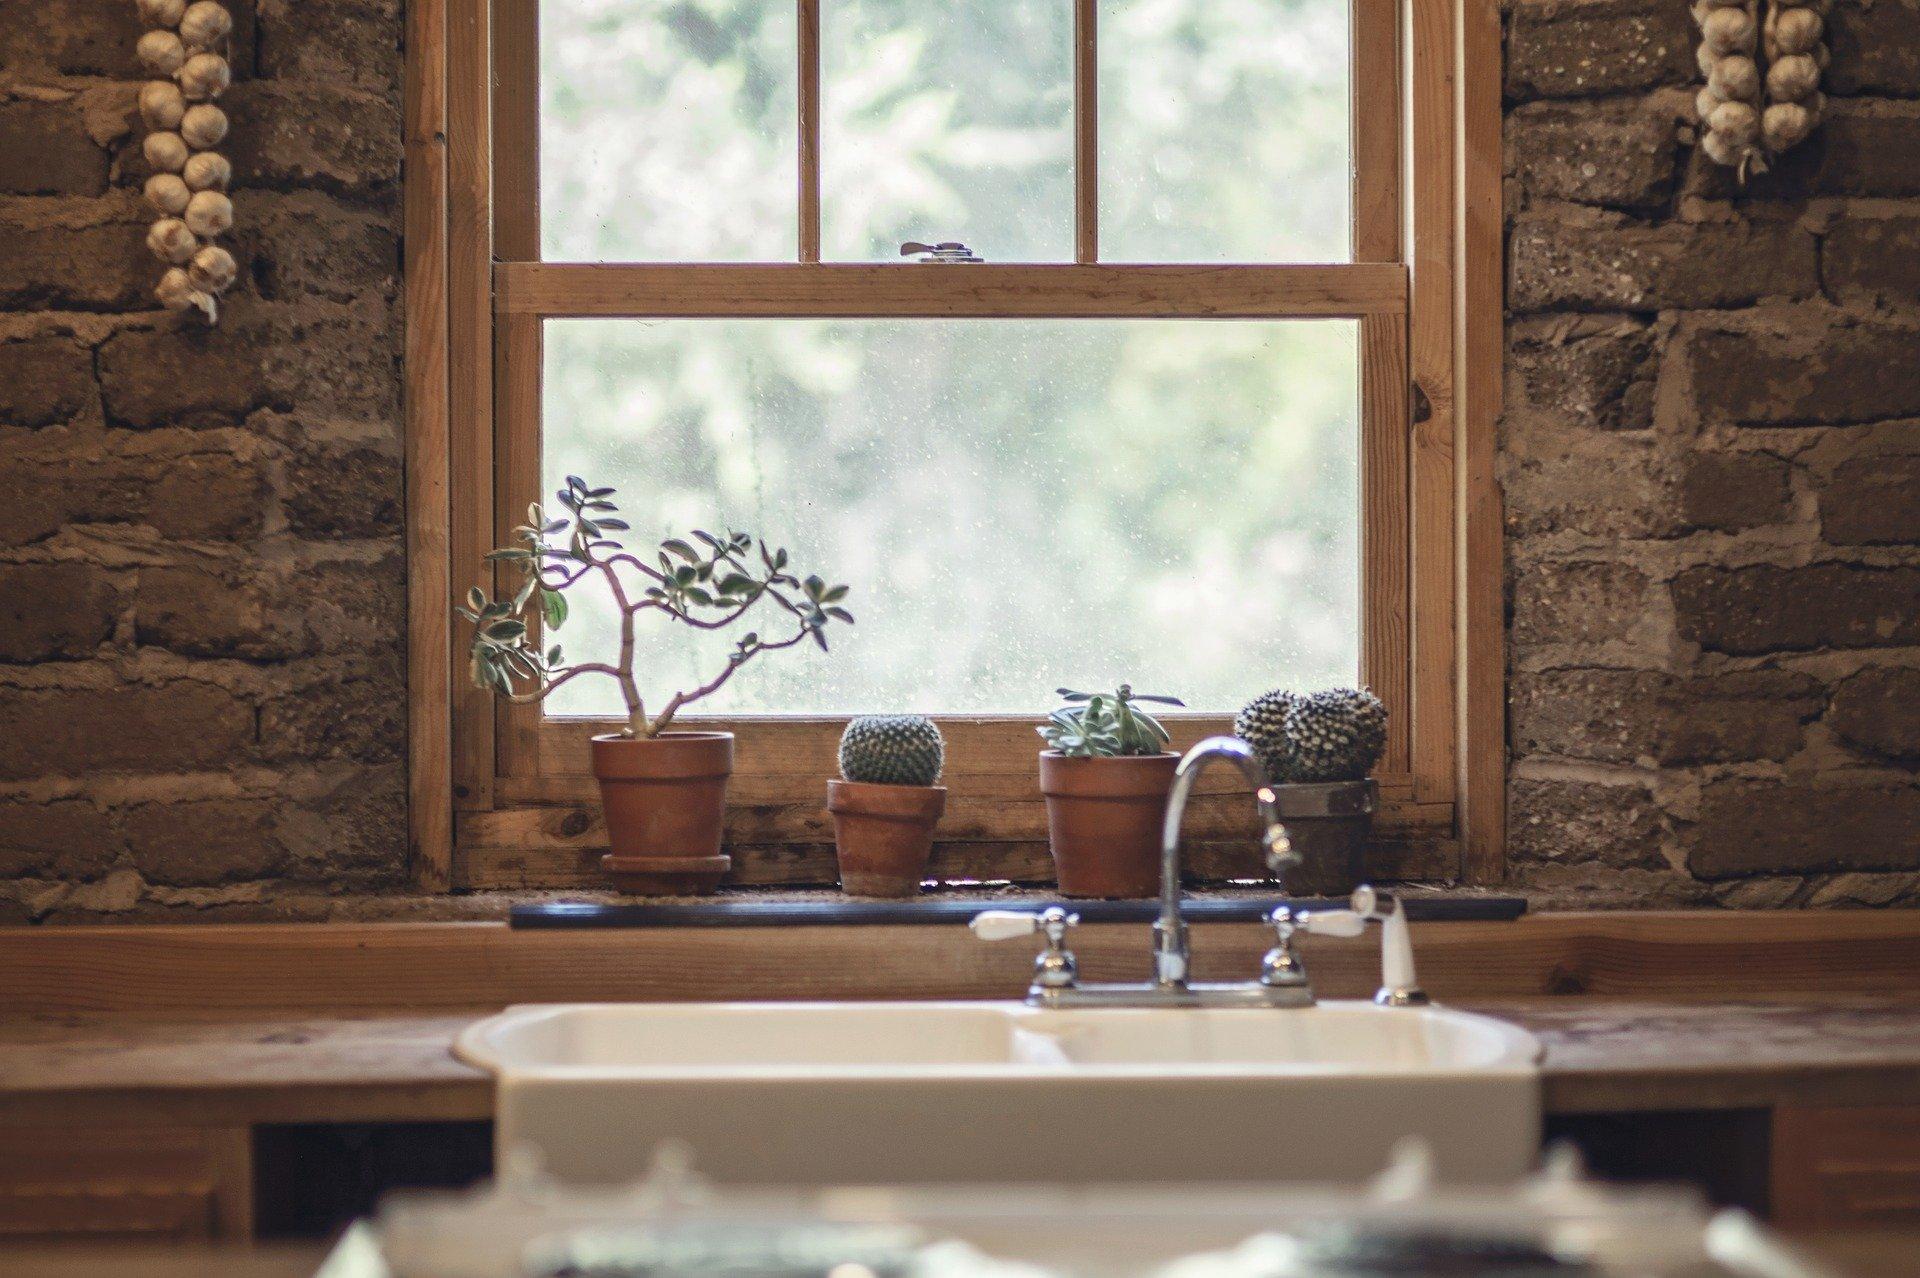 Des moyens simples pour améliorer la qualité de l'air intérieur